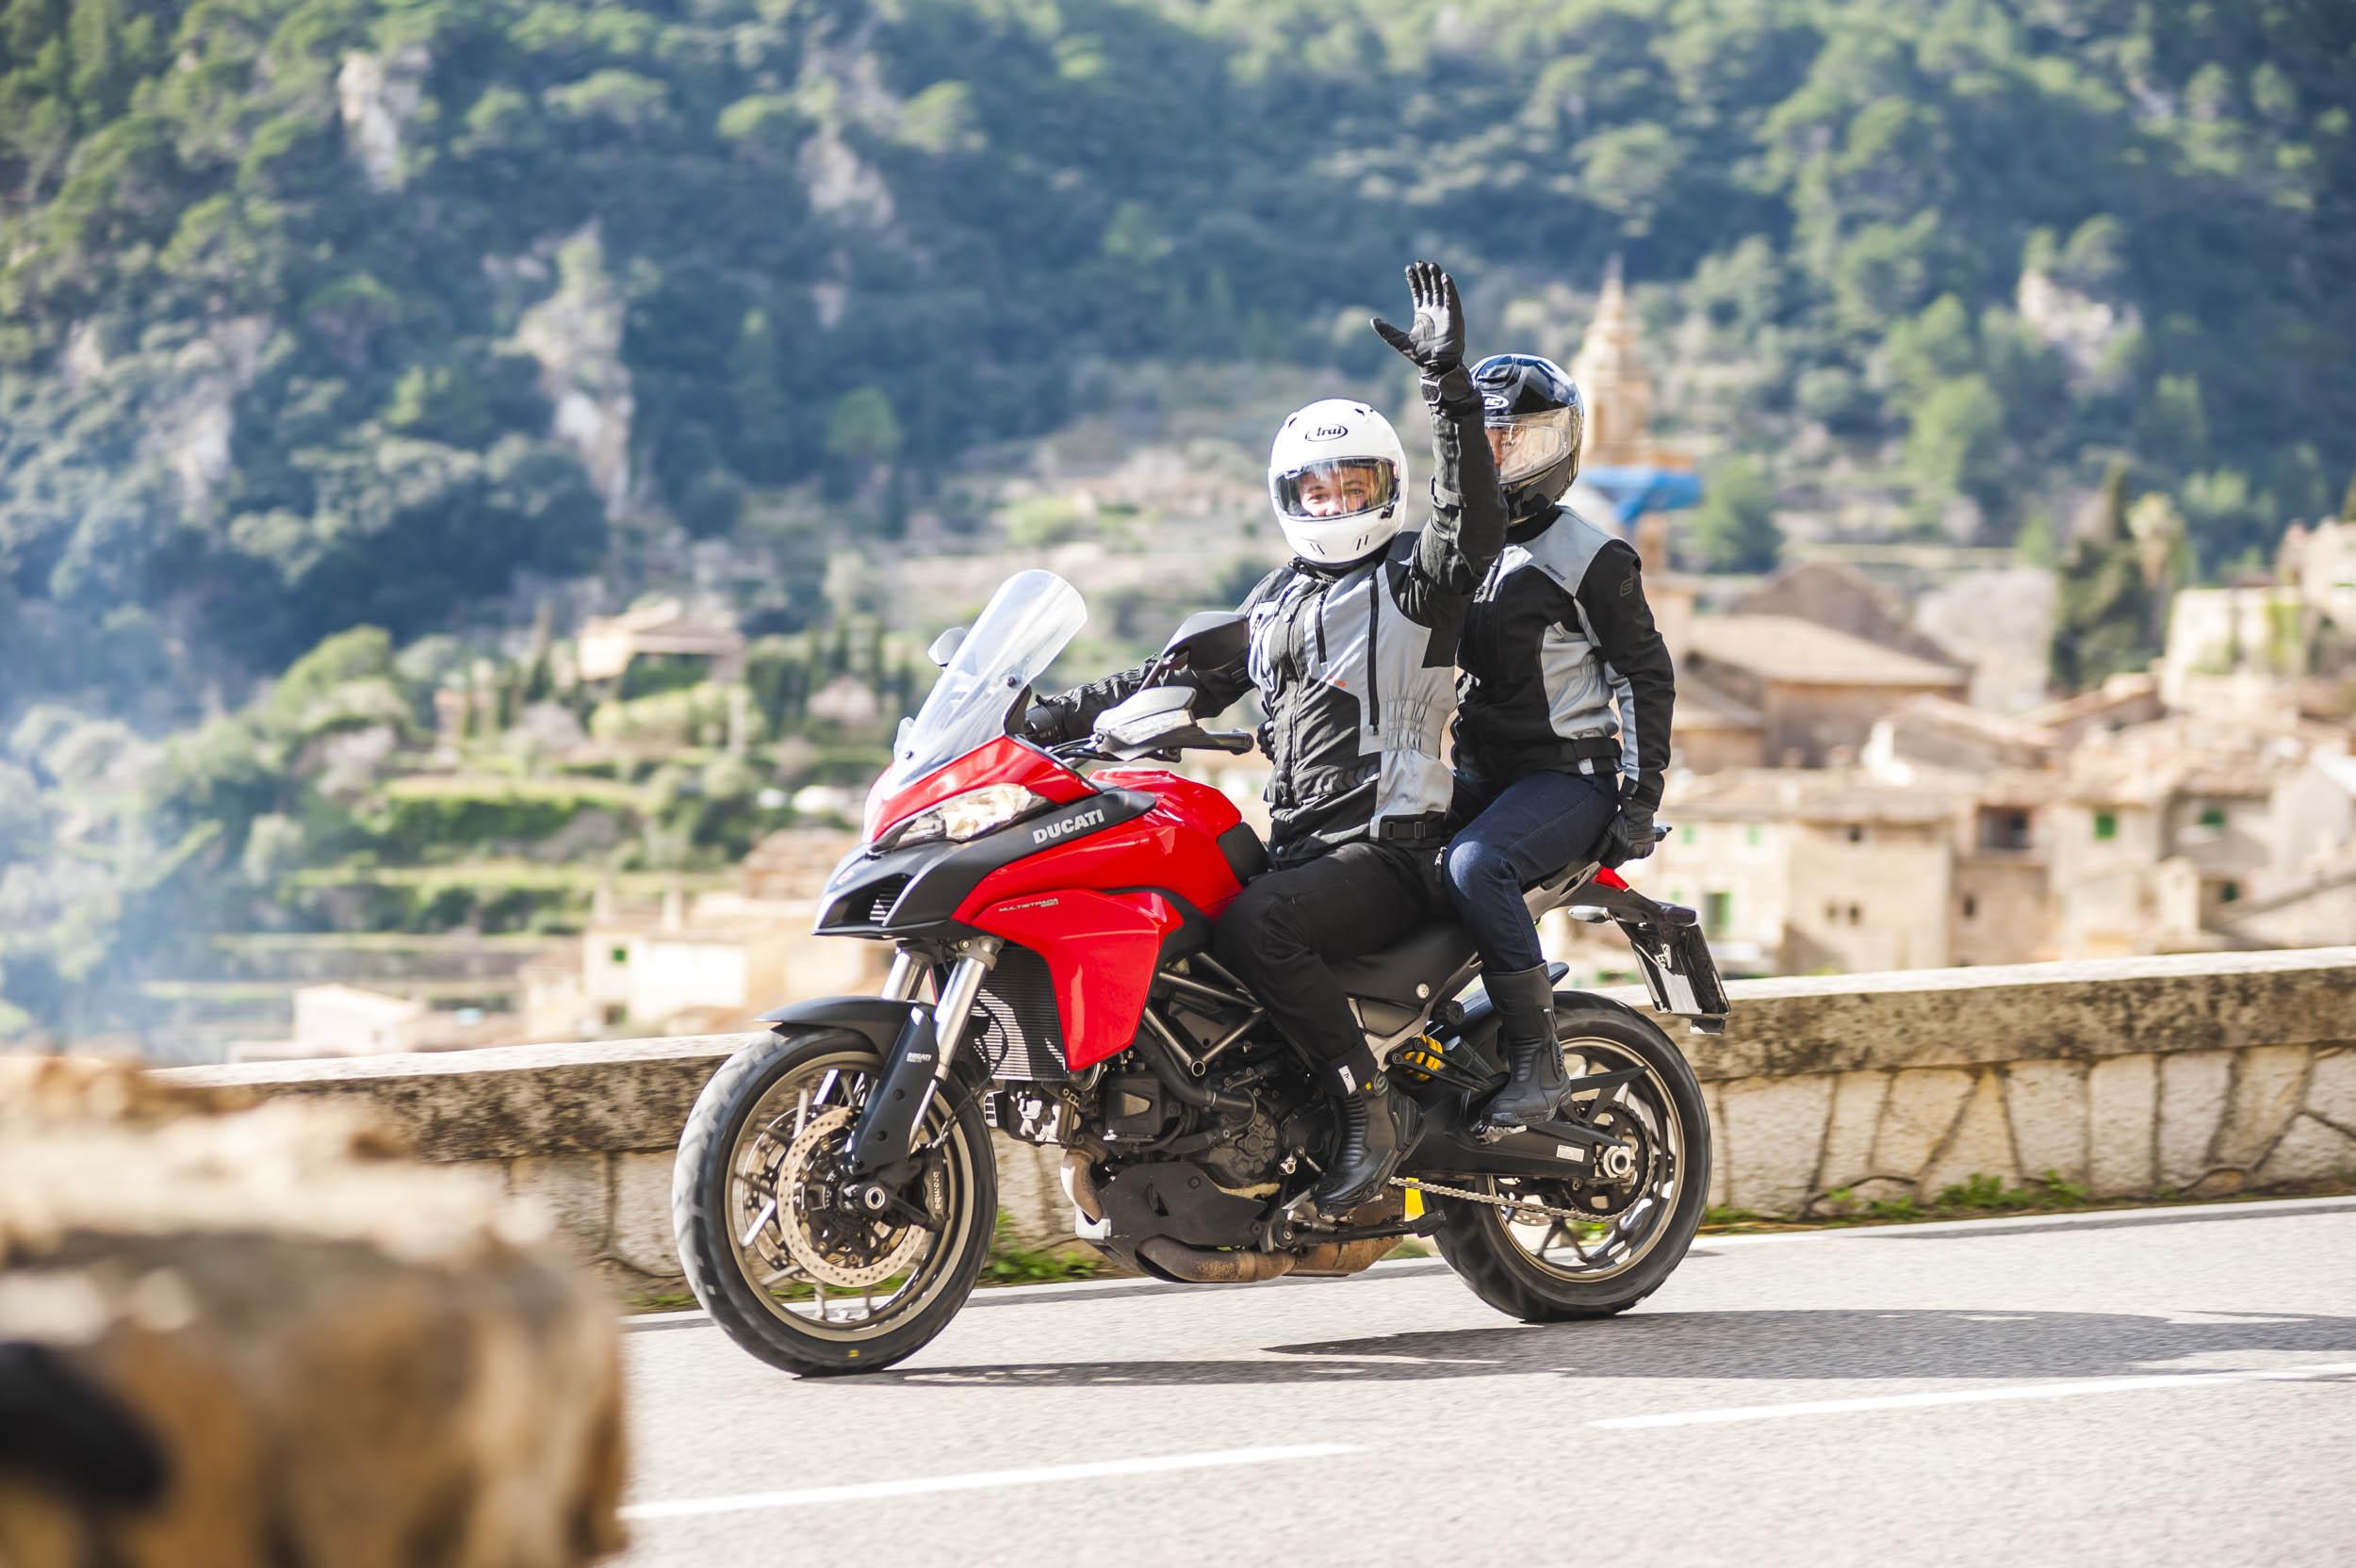 Jak zacząć jeździć na motocyklu 125 ccm? Vademecum cz. 2: Praktyka